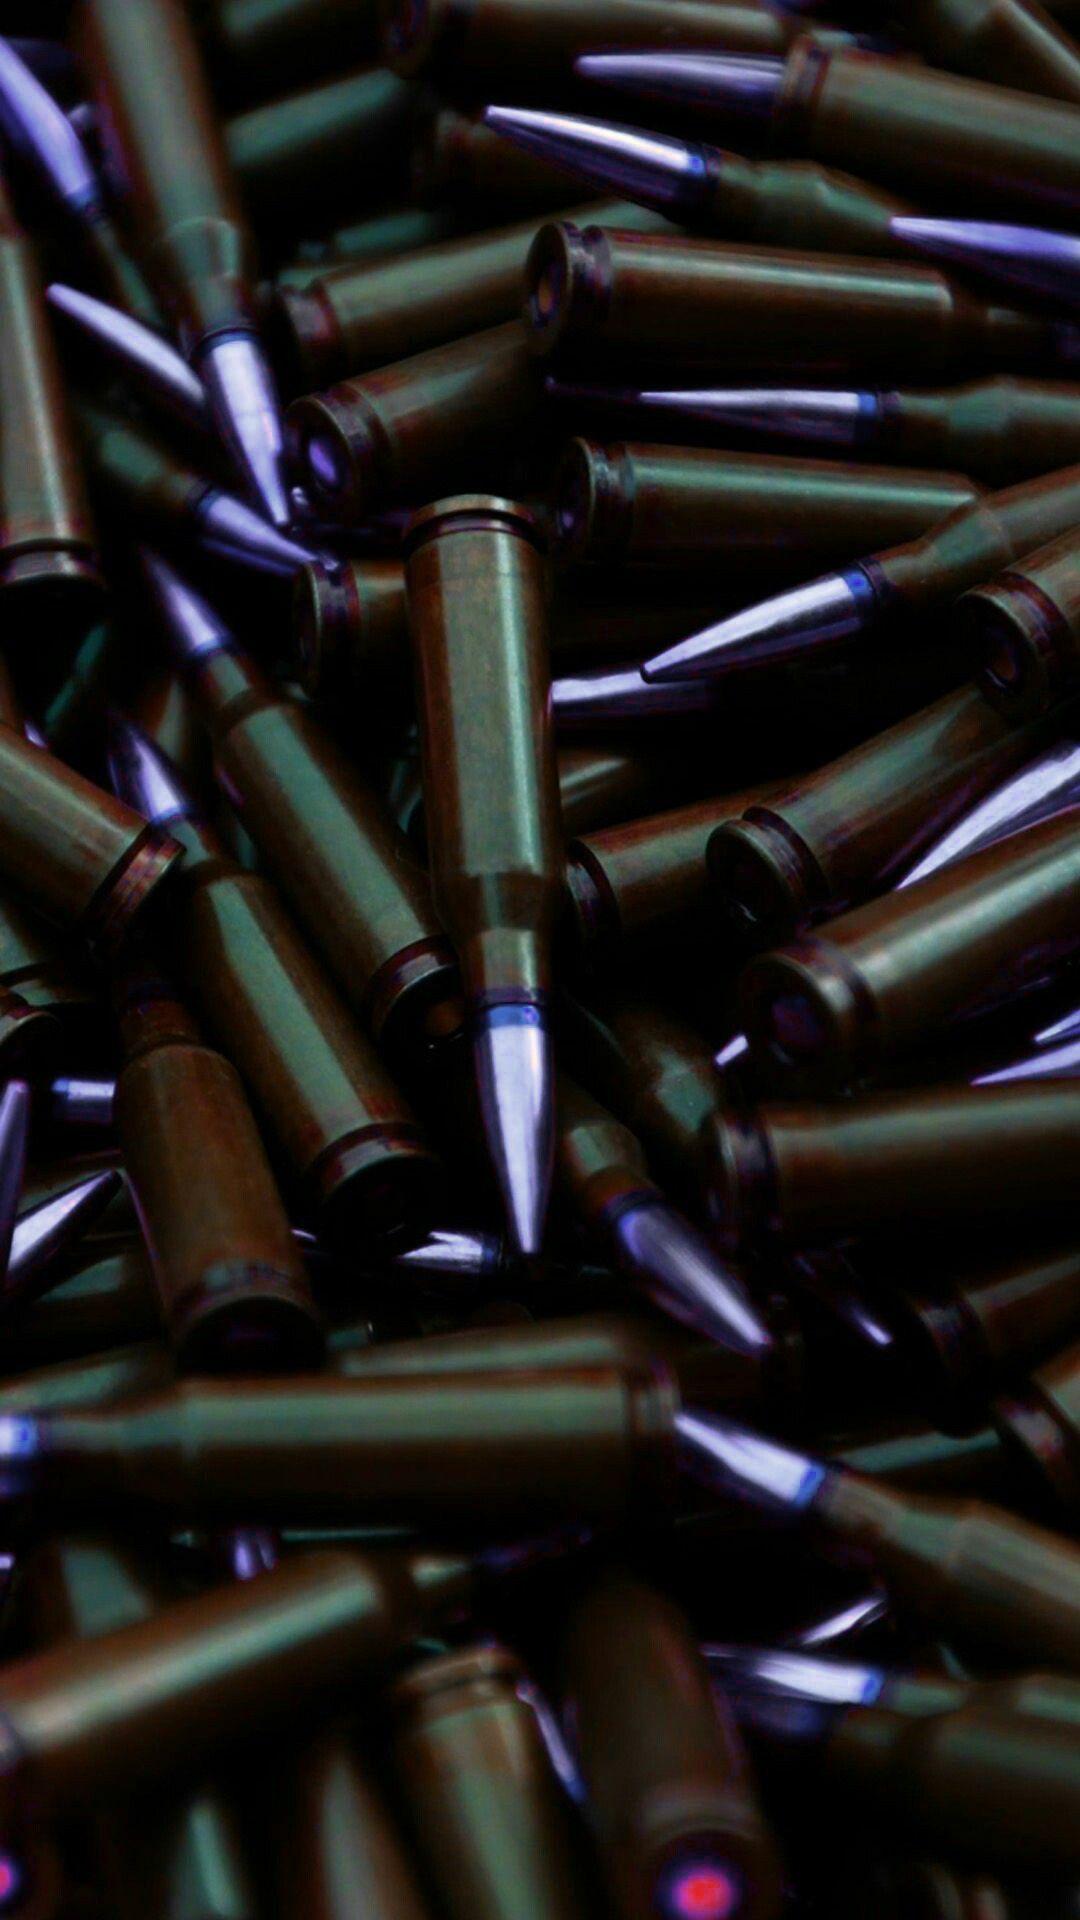 Bullets Blue In 2021 Guns Wallpaper Guns Bullet Supreme Wallpaper Guns and bullets hd wallpaper